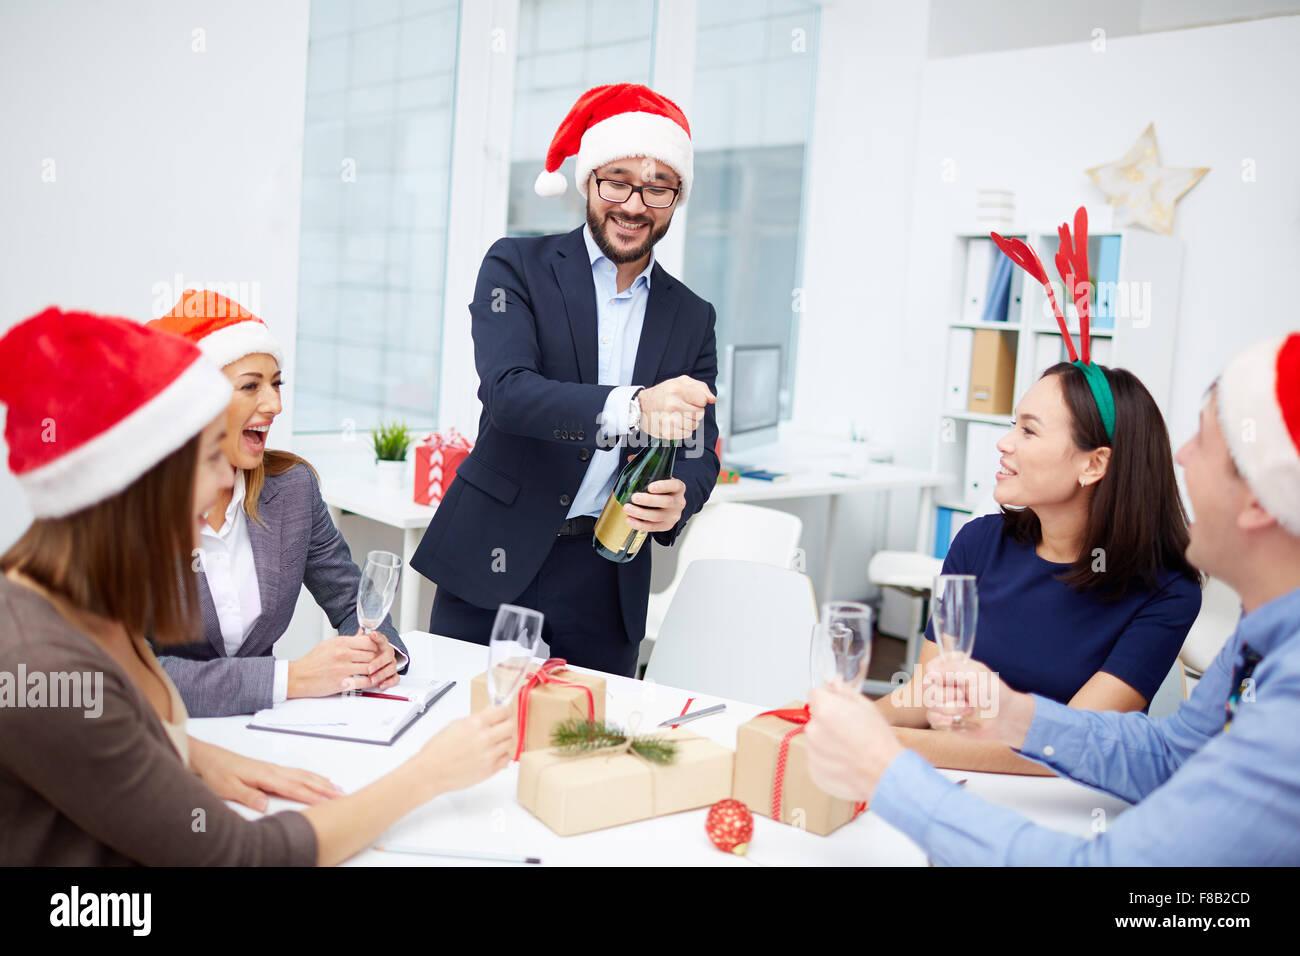 Gruppe von Mitarbeitern betrachten ihre Kollegin Eröffnung Flasche Champagner Stockbild